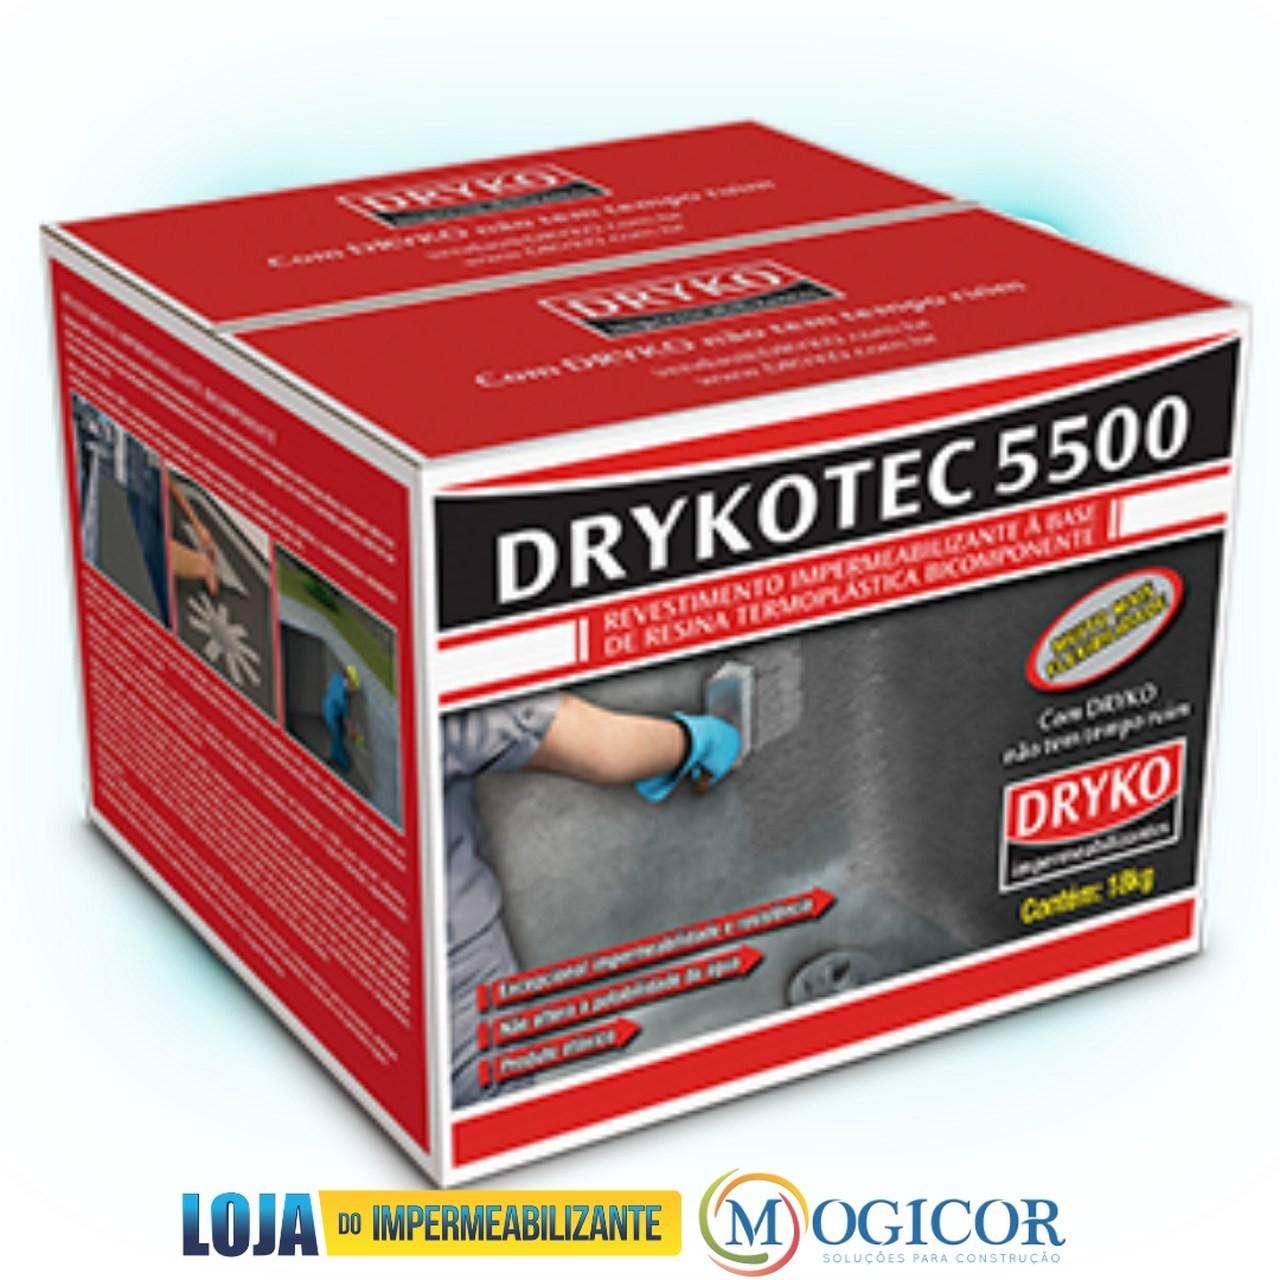 Drykotec 5500 Impermeabilizante Antimofo 18kg Piscinas, Tanques e Sapatas